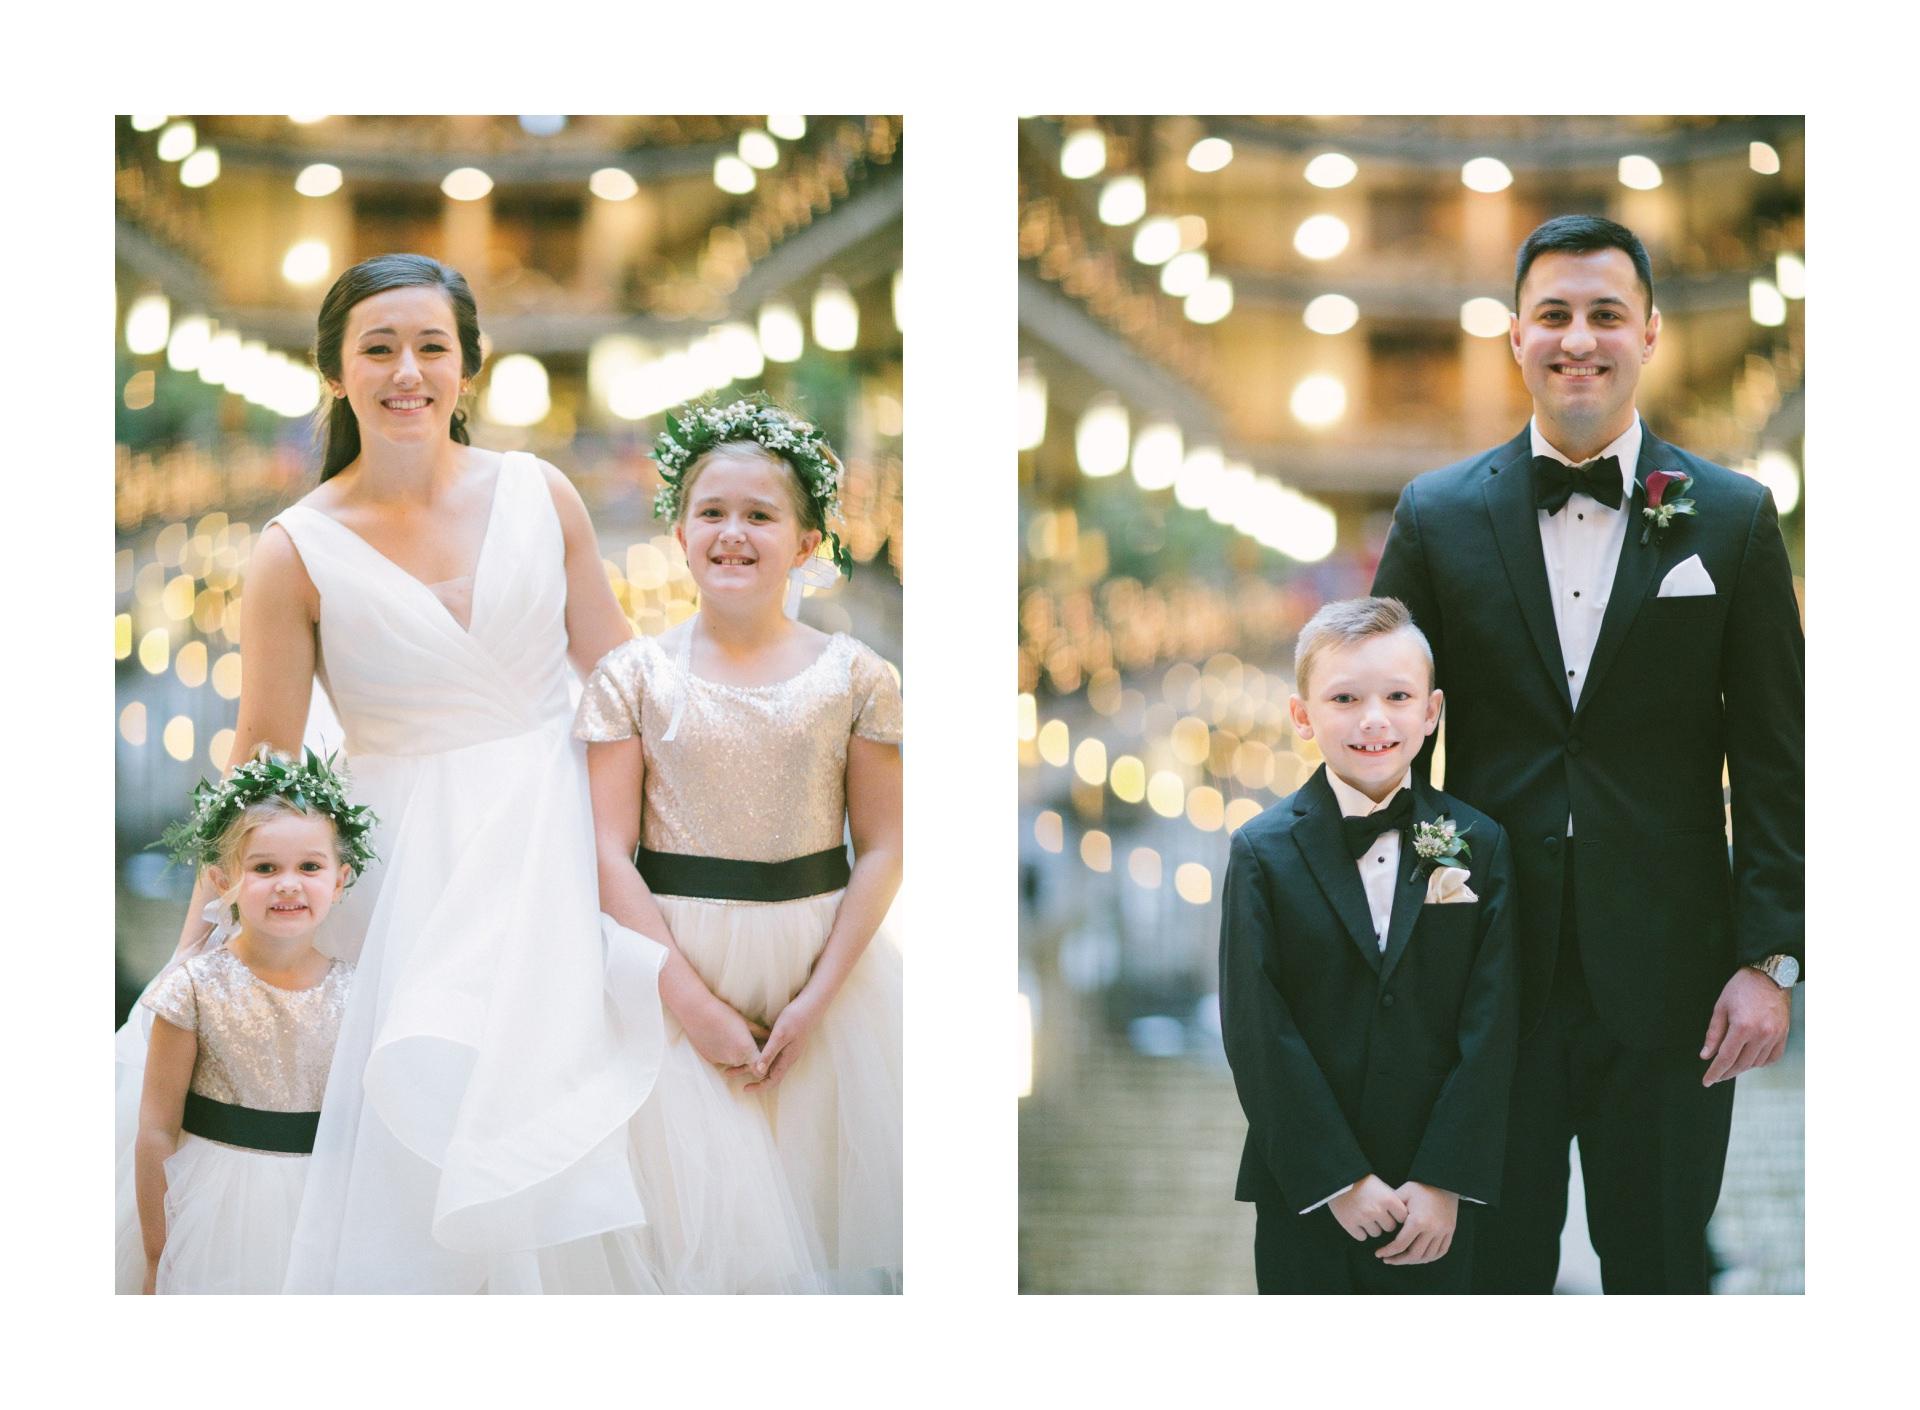 Hyatt Old Arcade Wedding Photographer in Cleveland 1 32.jpg